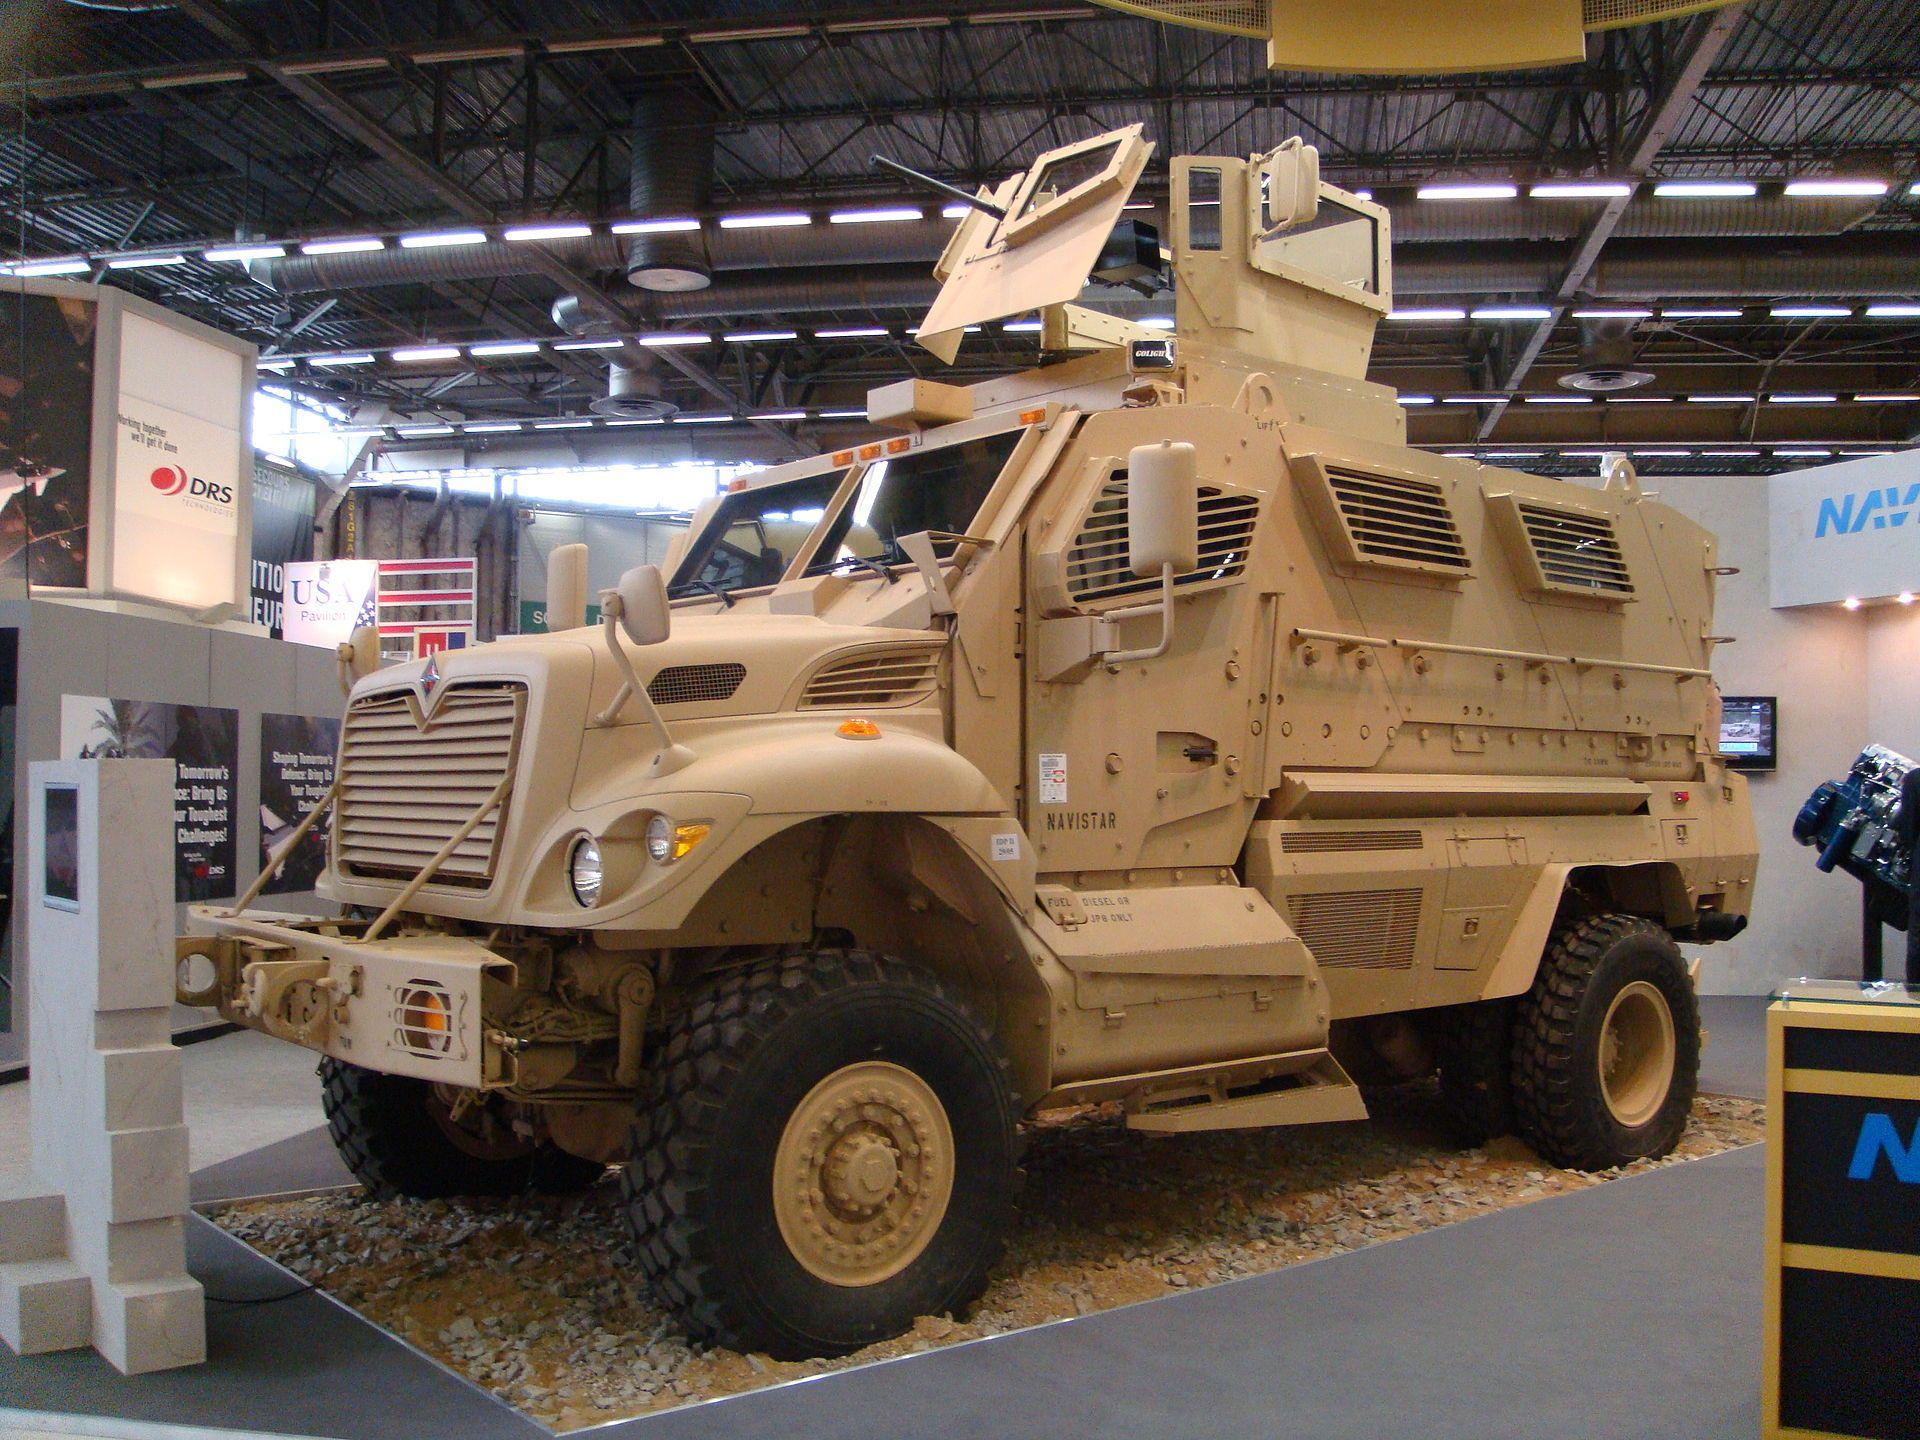 لماذا انتشرت العربات المقاومة للألغام MRAP في الشرق الأوسط؟  98cd2c3d30e423ede5c8ae7a7f5e0c01